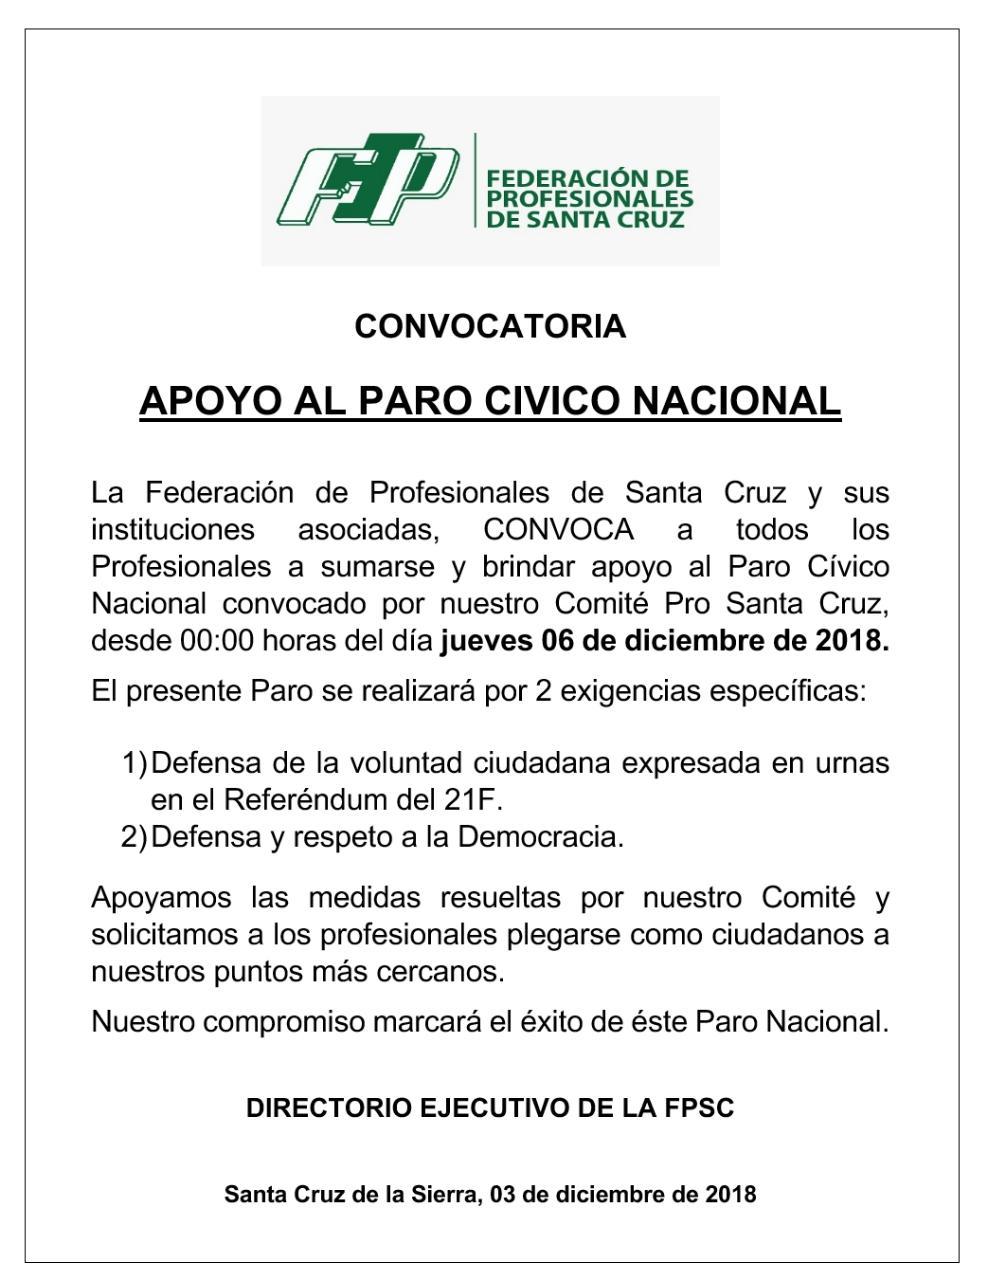 Federación de Profesionales de Santa Cruz convoca a apoyar el paro Cívico Nacional